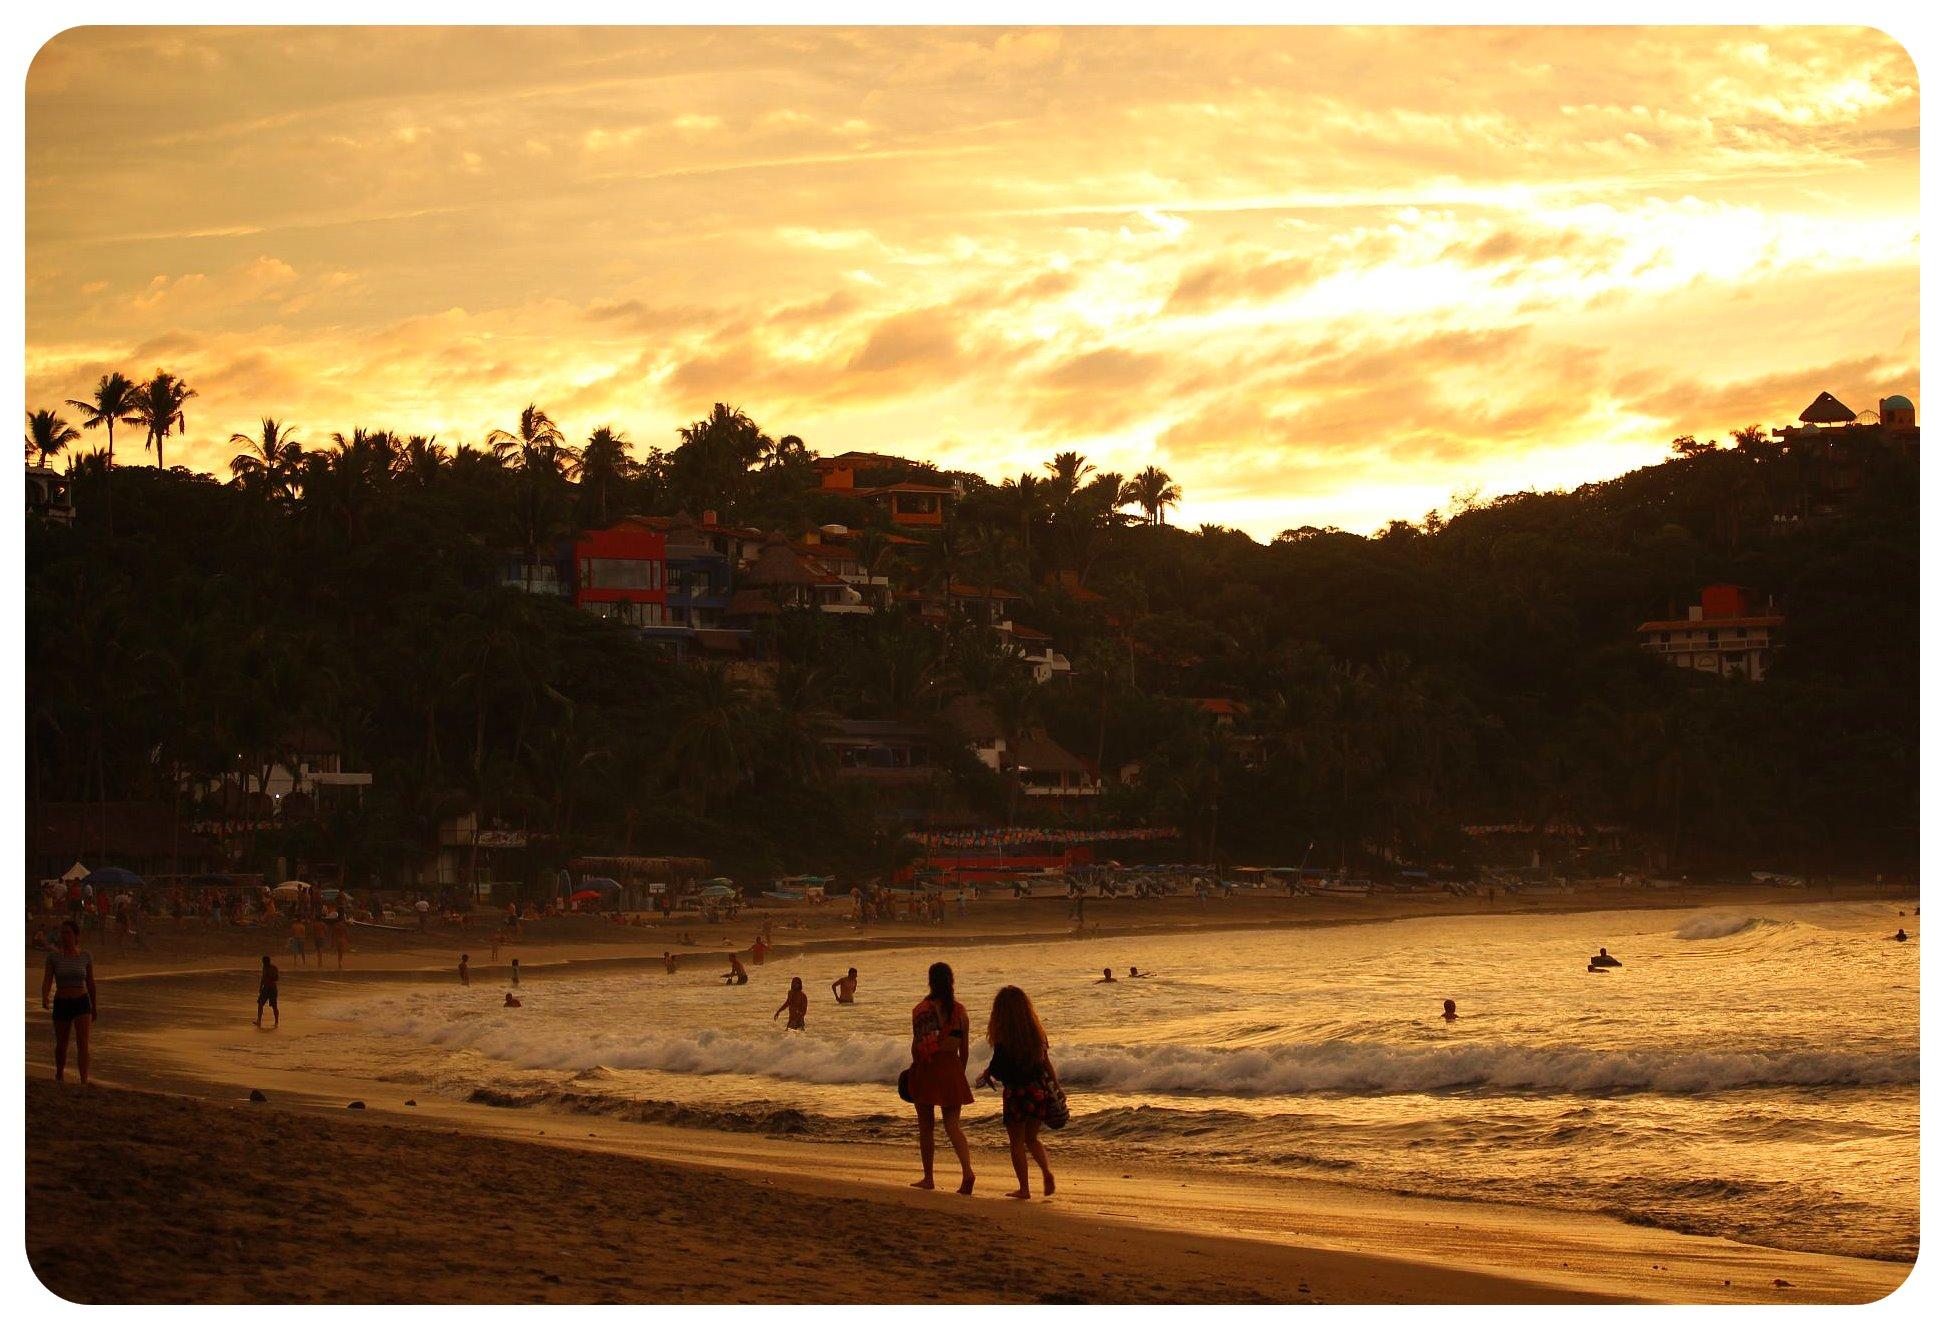 sayulita sunset beach